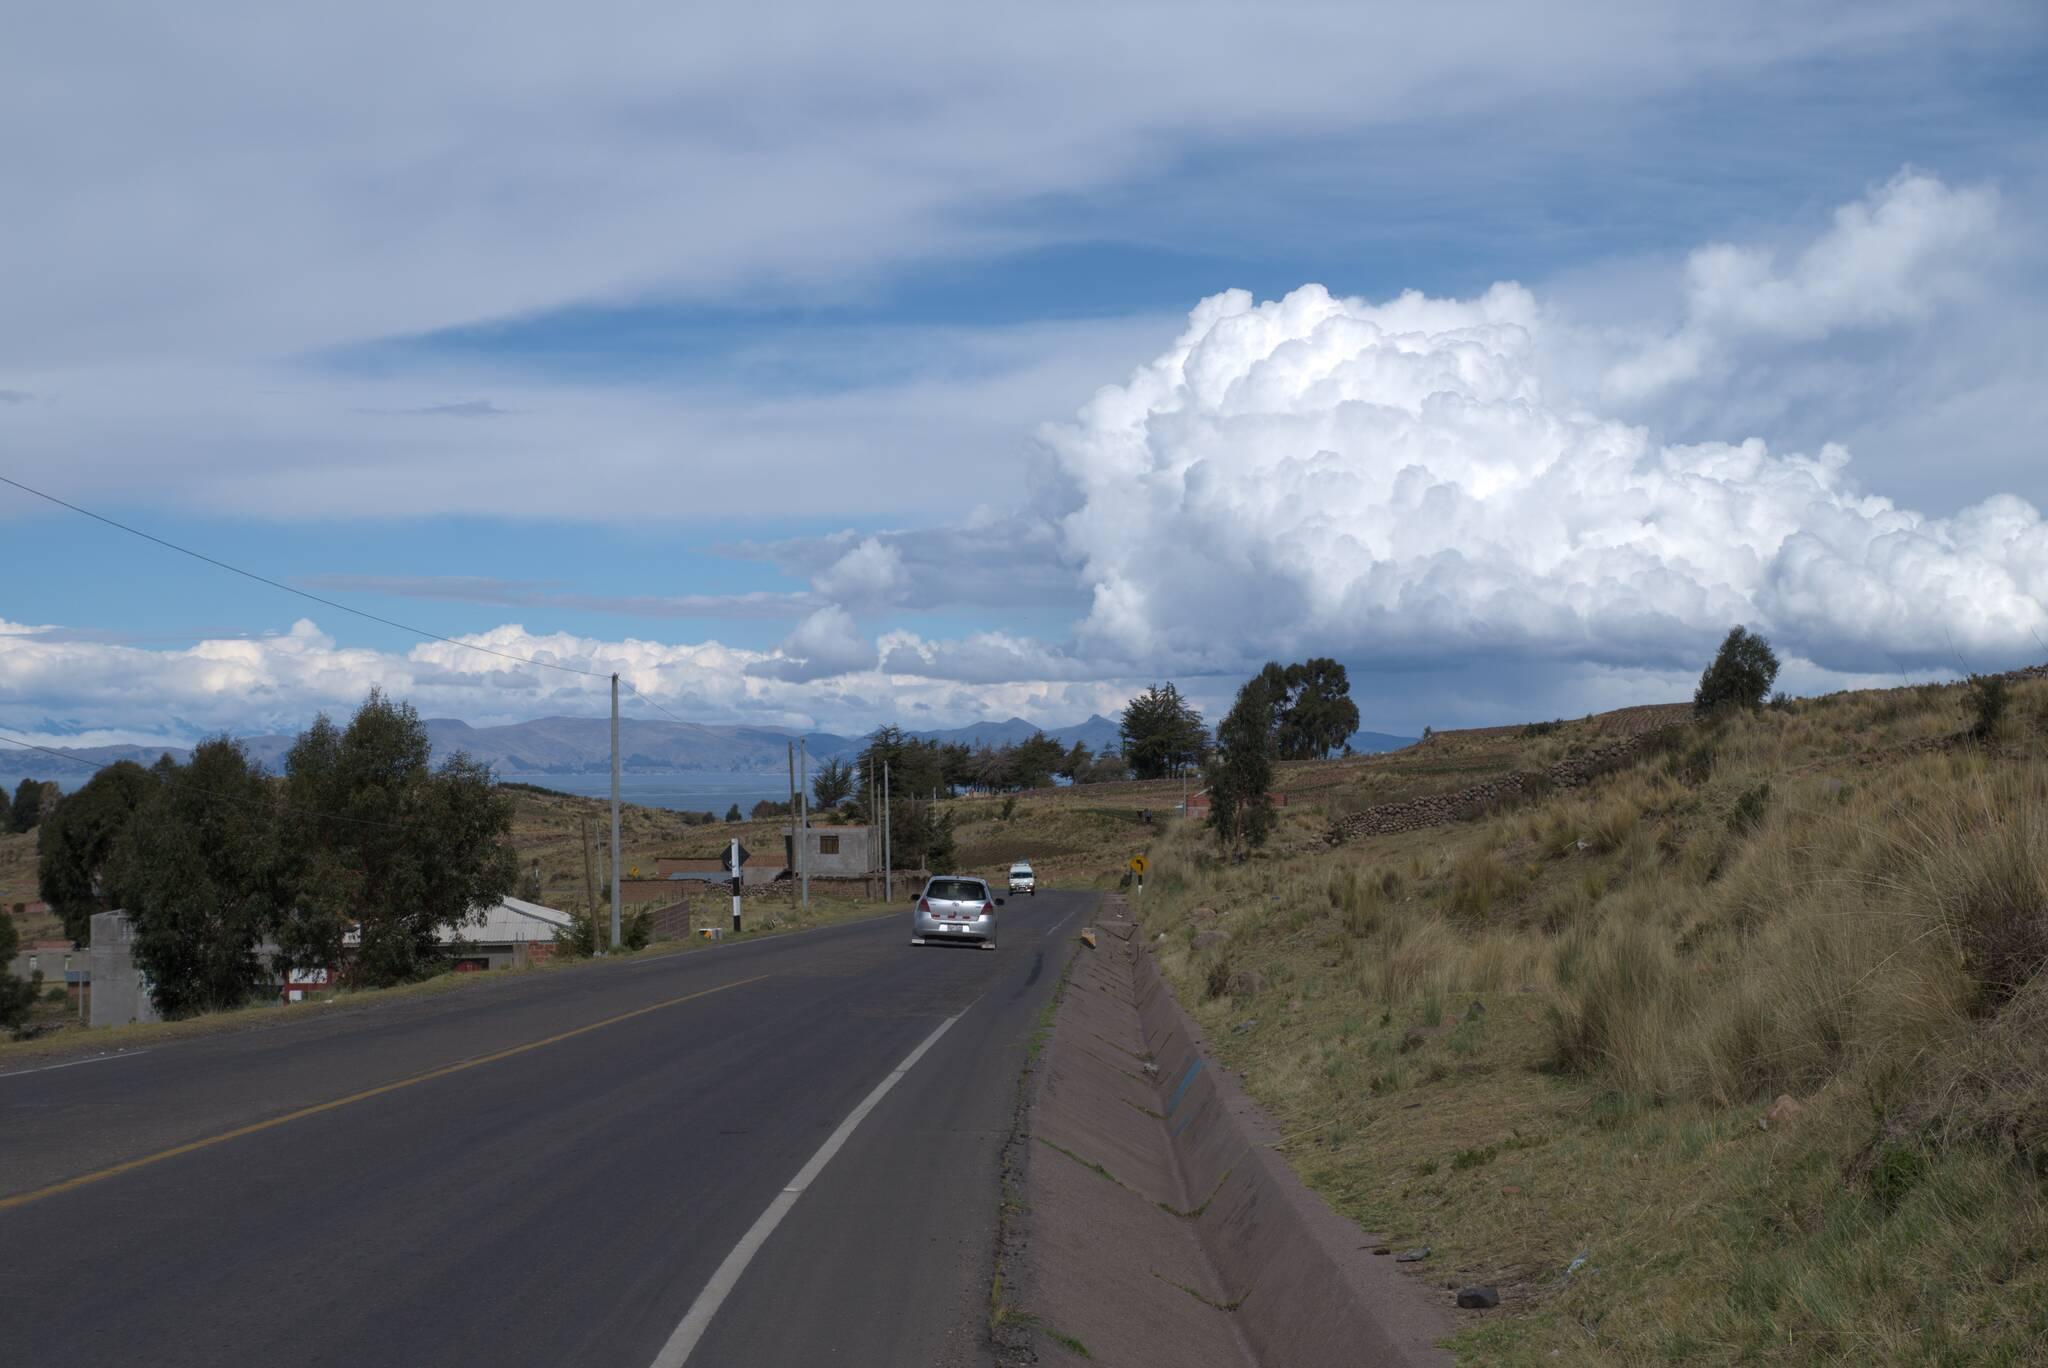 Droga do granicy jest dosyć tłoczna, ale nie bardzo istnieje alternatywa